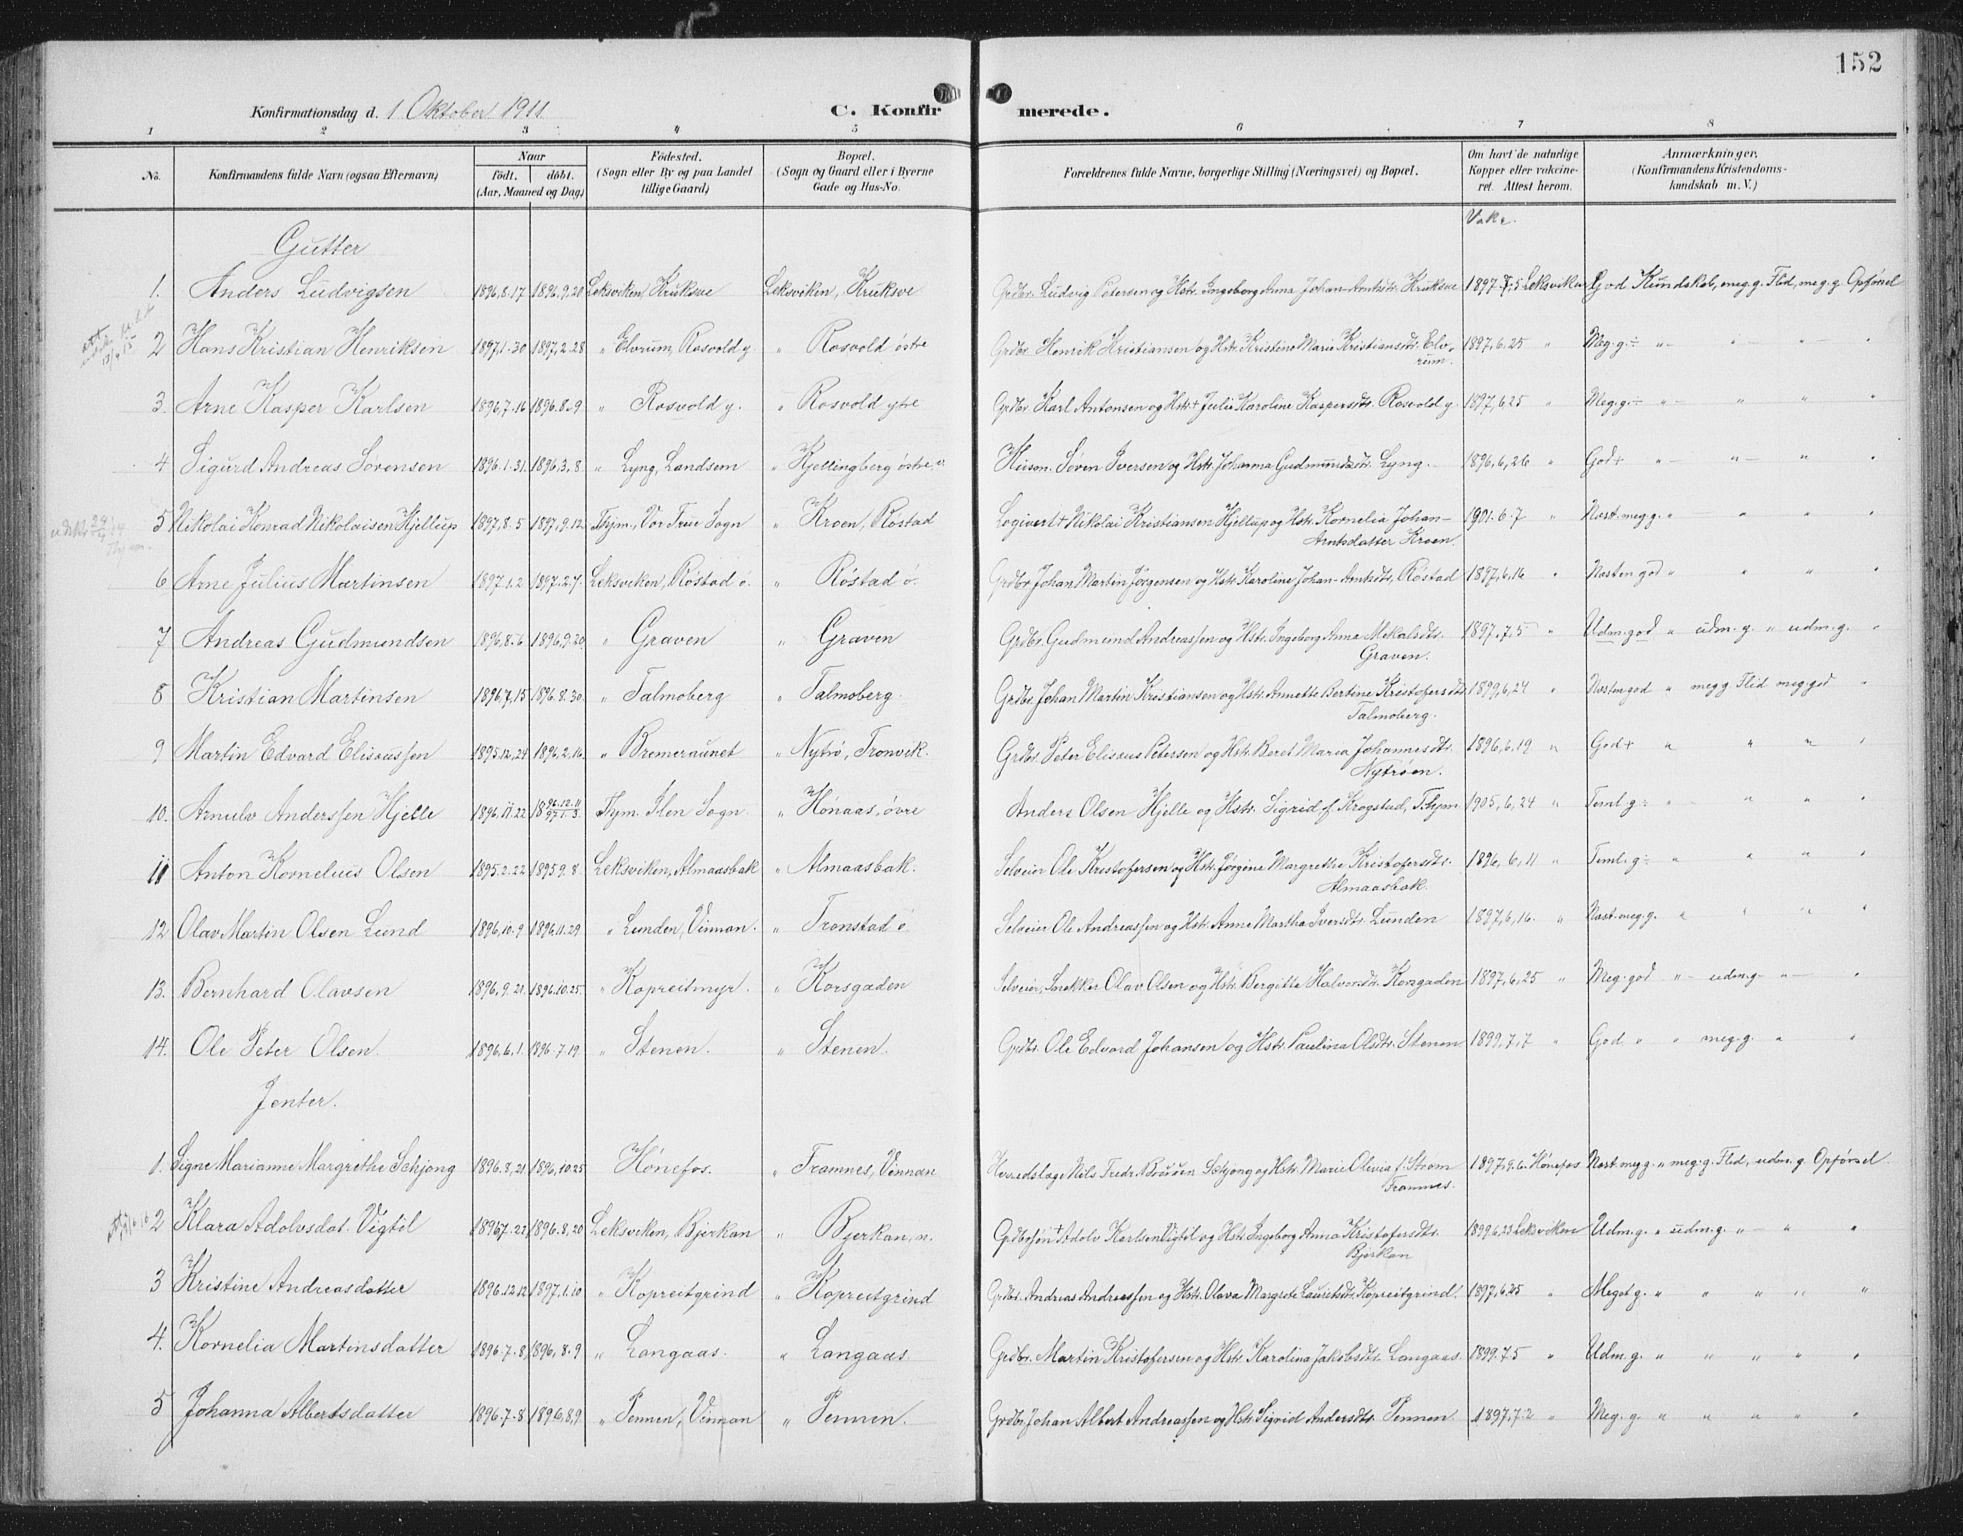 SAT, Ministerialprotokoller, klokkerbøker og fødselsregistre - Nord-Trøndelag, 701/L0011: Ministerialbok nr. 701A11, 1899-1915, s. 152